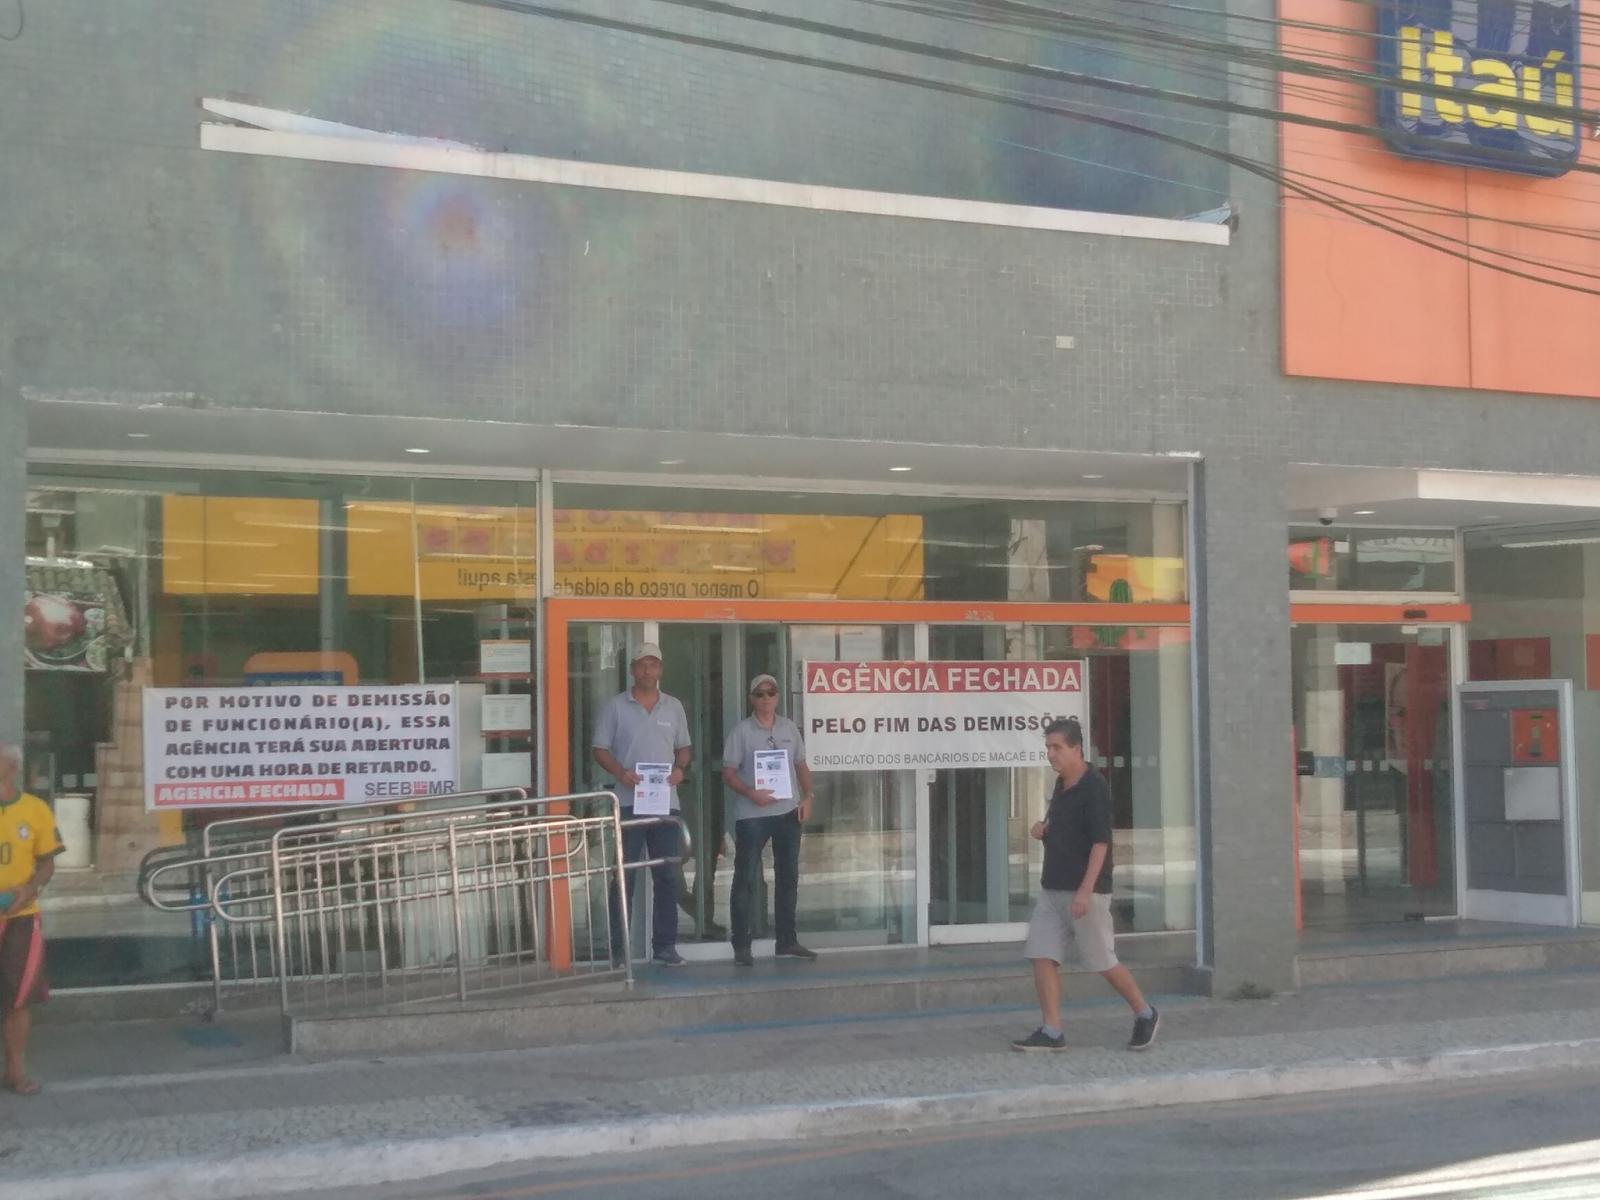 Paralisação na agência do Itaú do centro, em Macaé